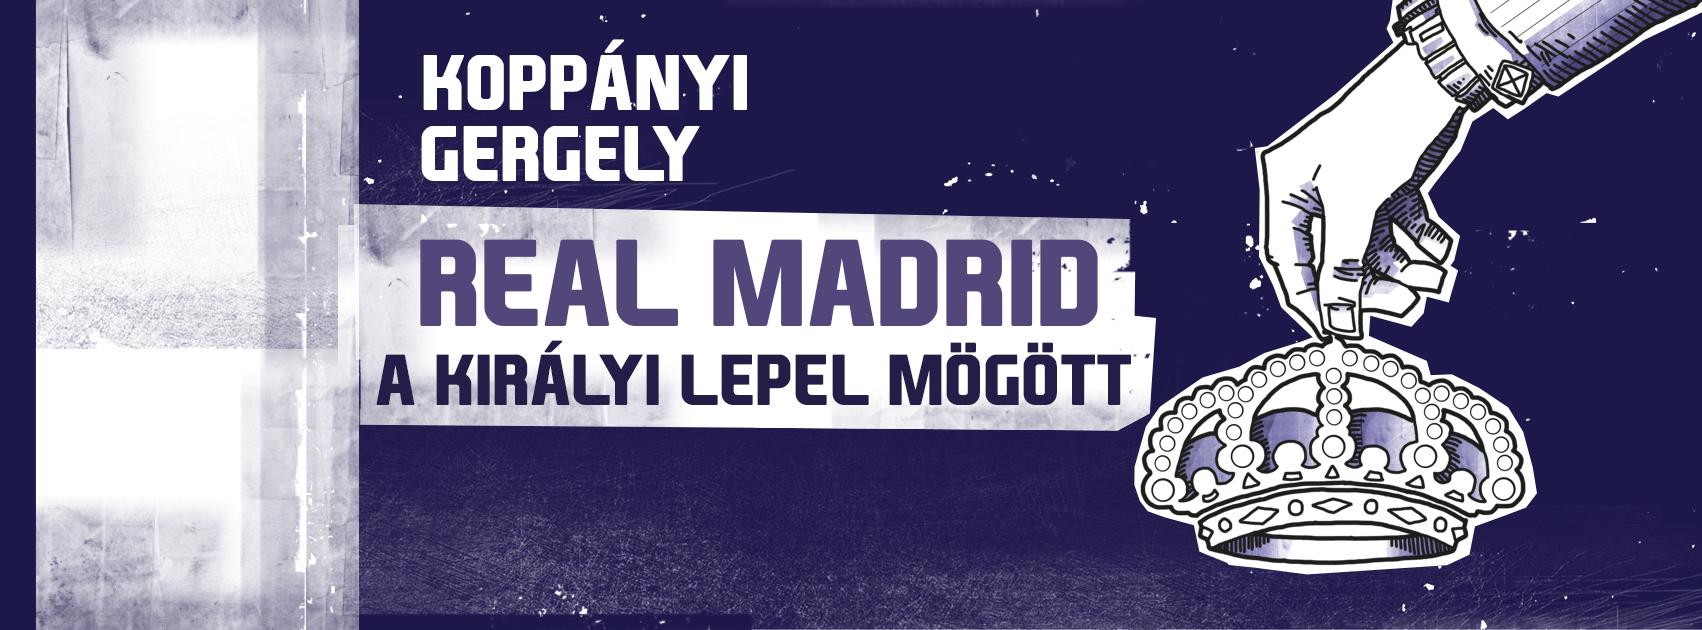 Real Madrid: A királyi lepel mögött